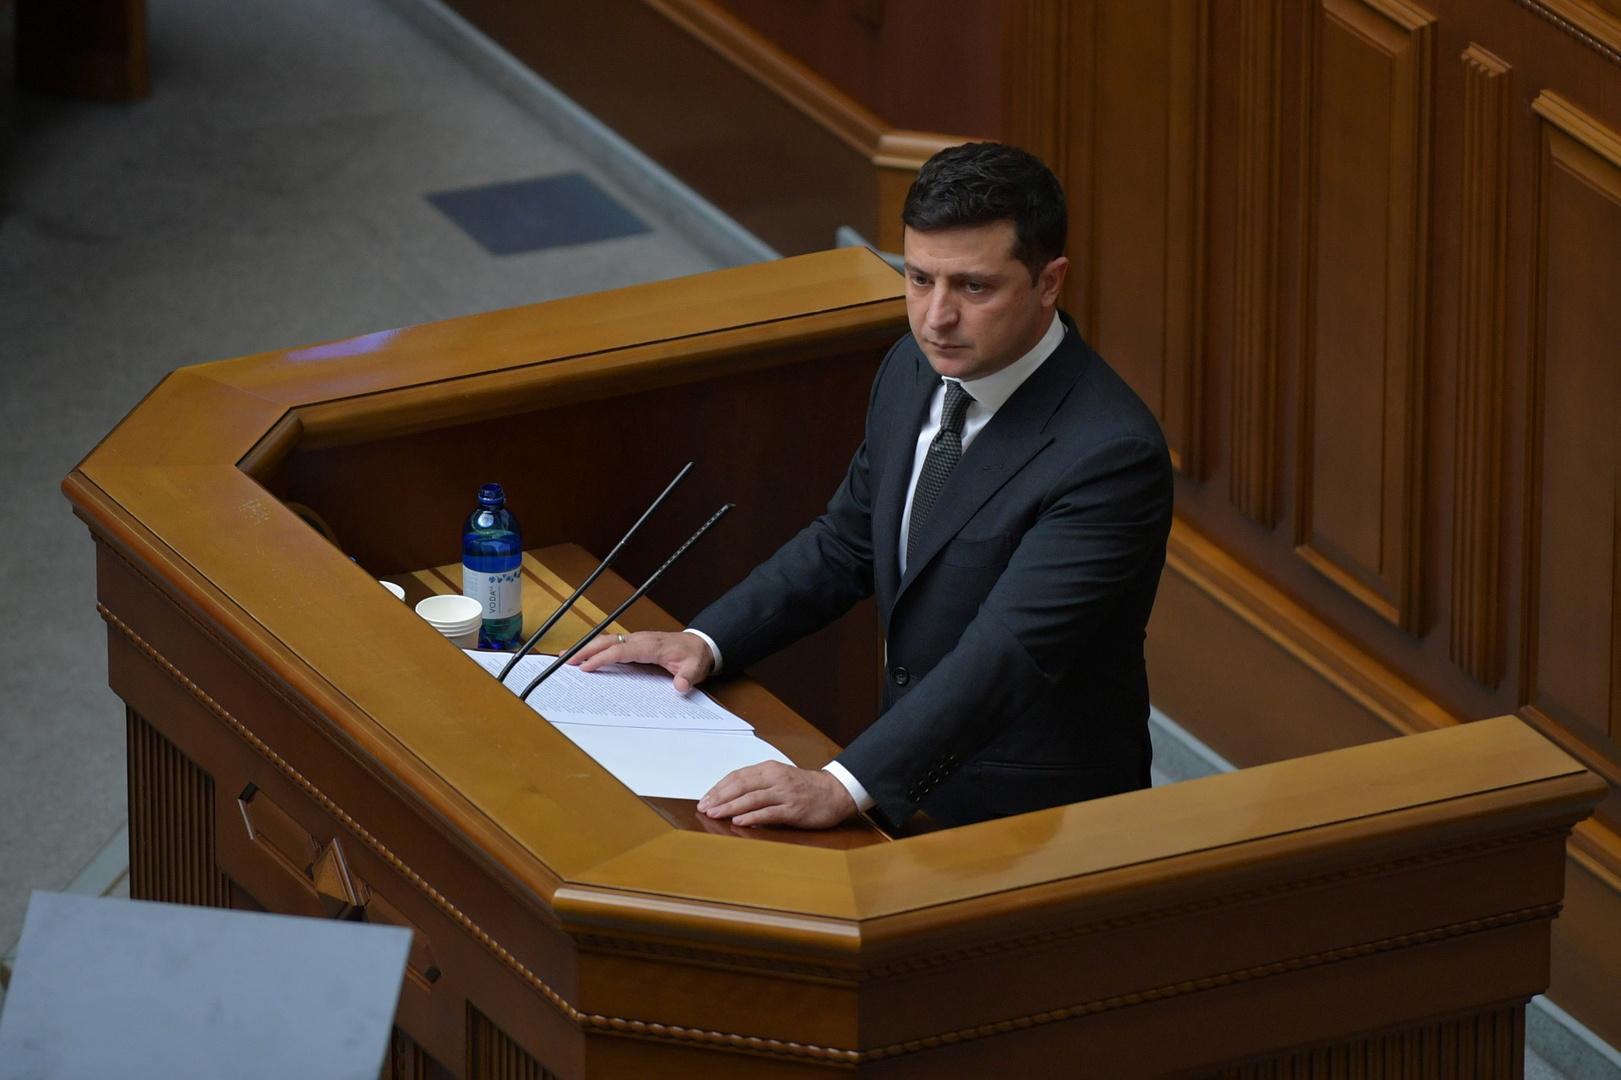 أوكرانيا تفرض عقوبات جديدة على شخصيات وكيانات روسية